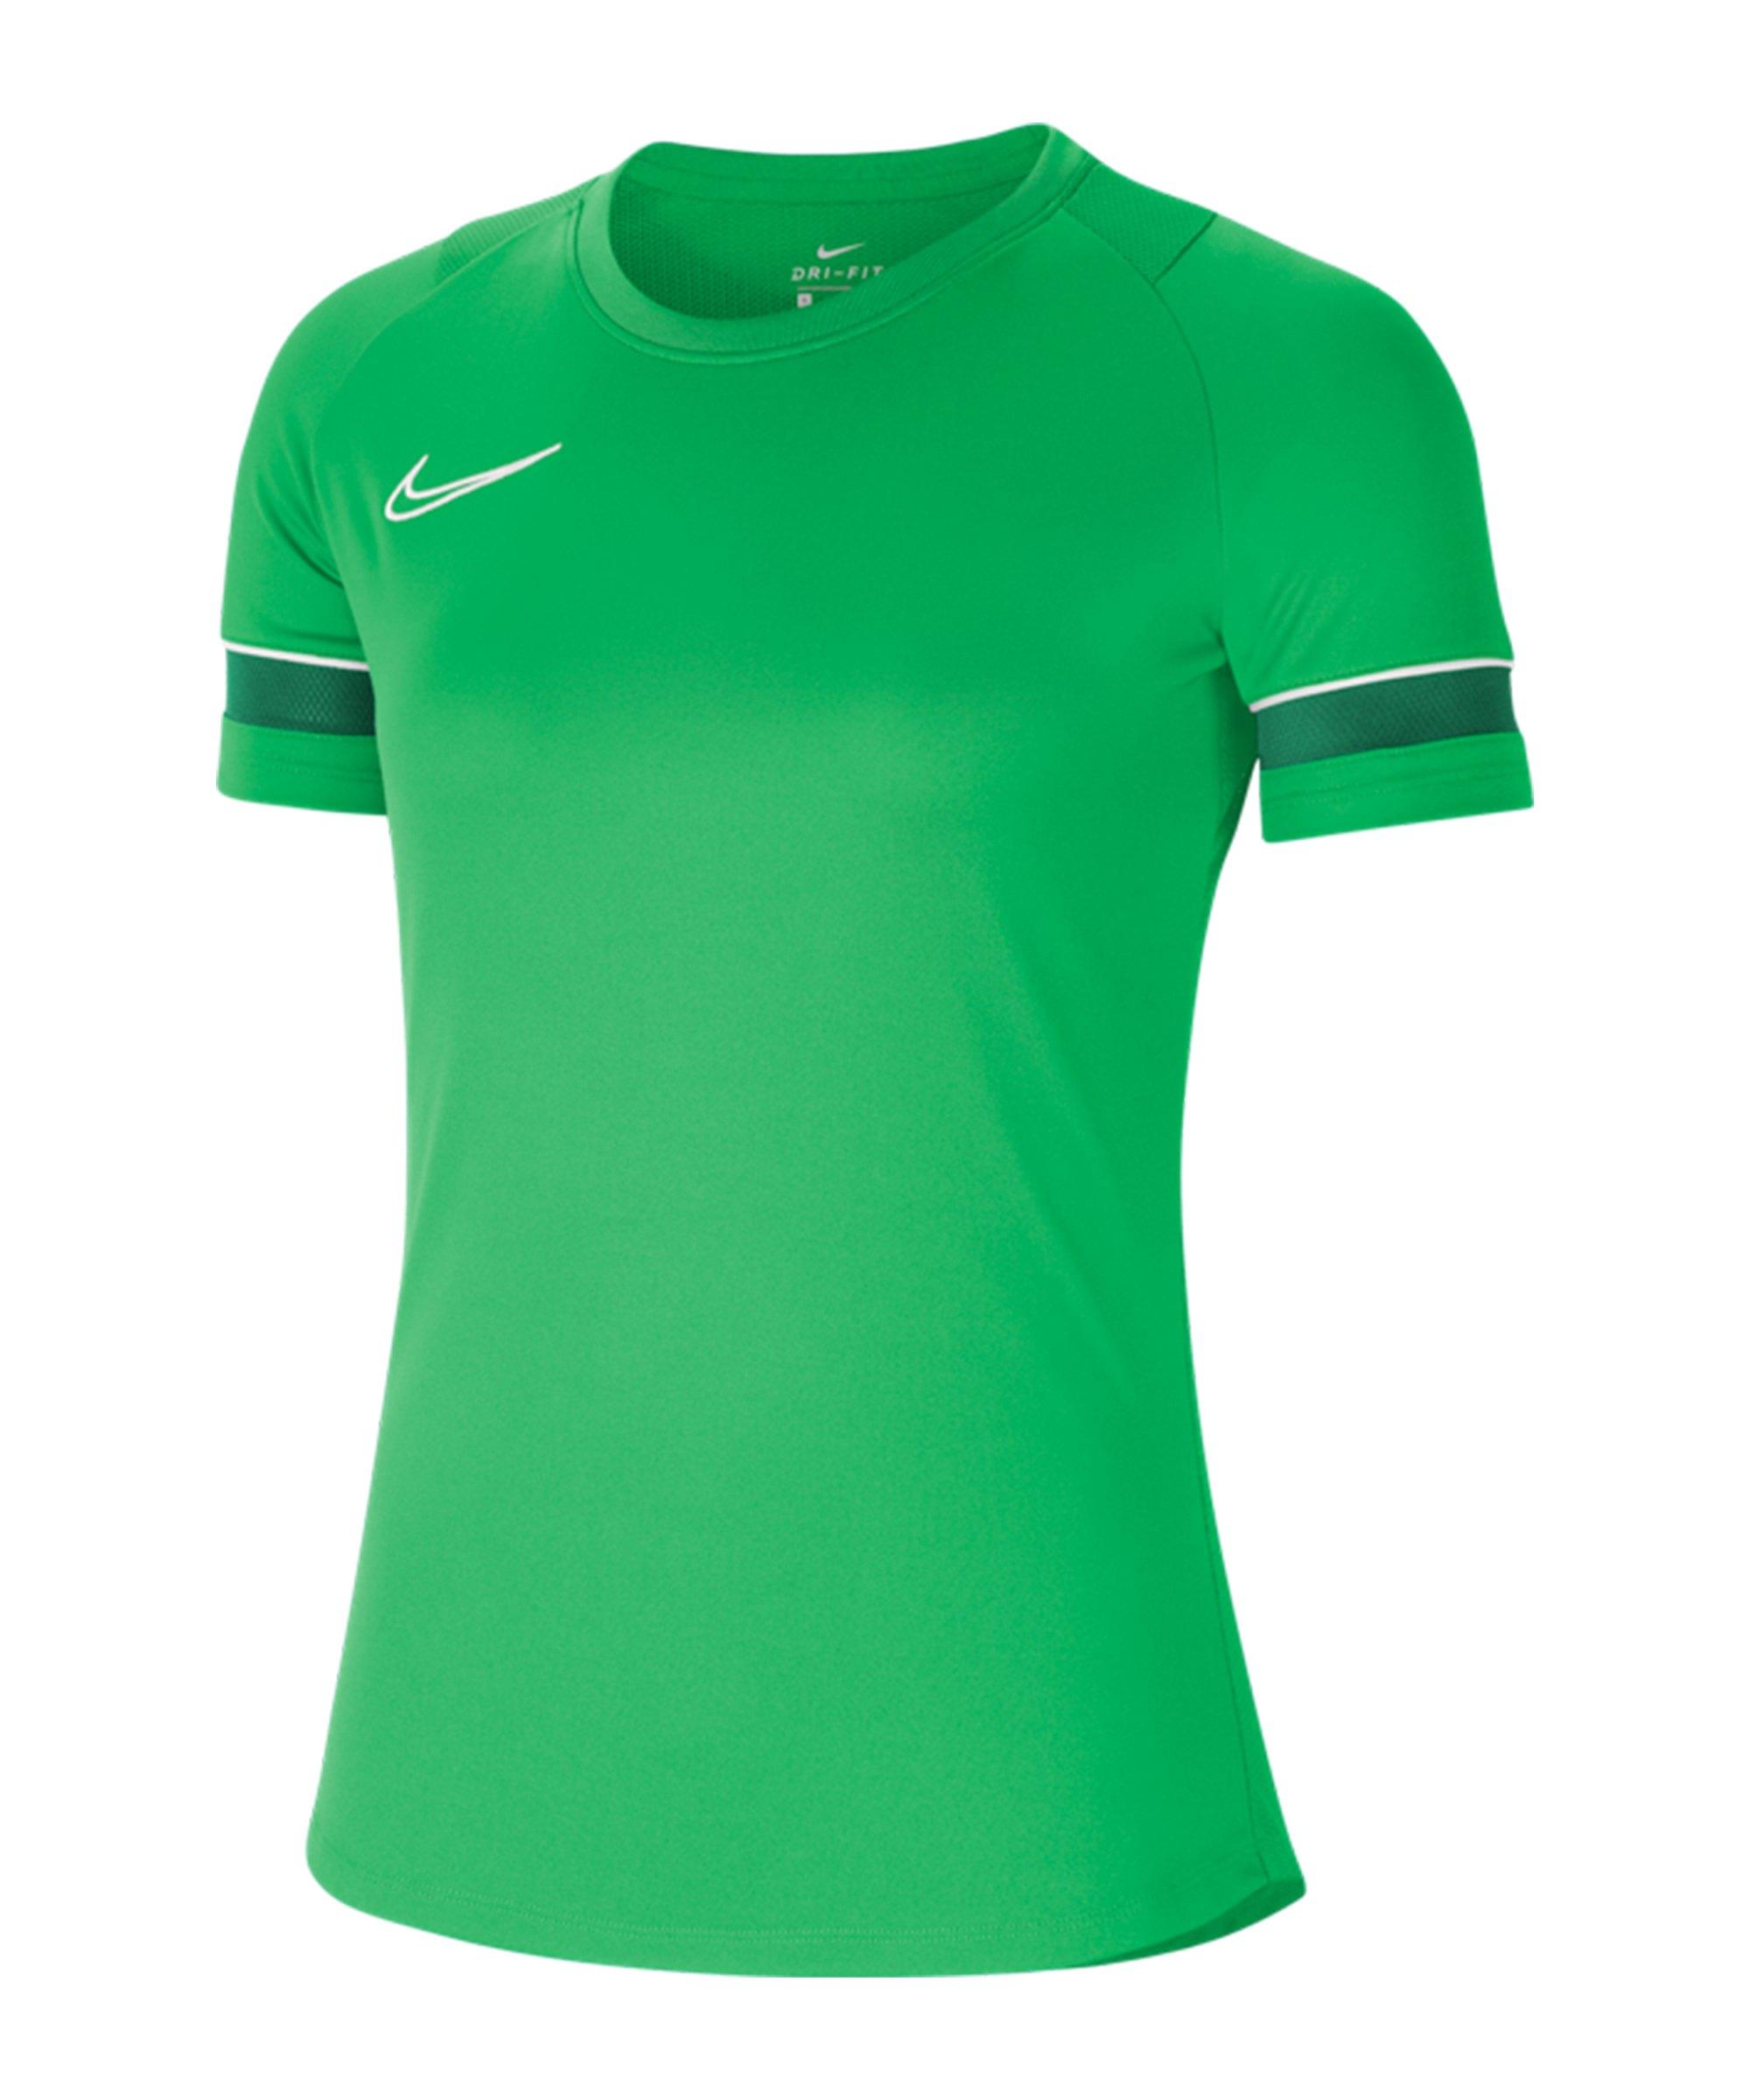 Nike Academy 21 T-Shirt Damen Grün F362 - gruen